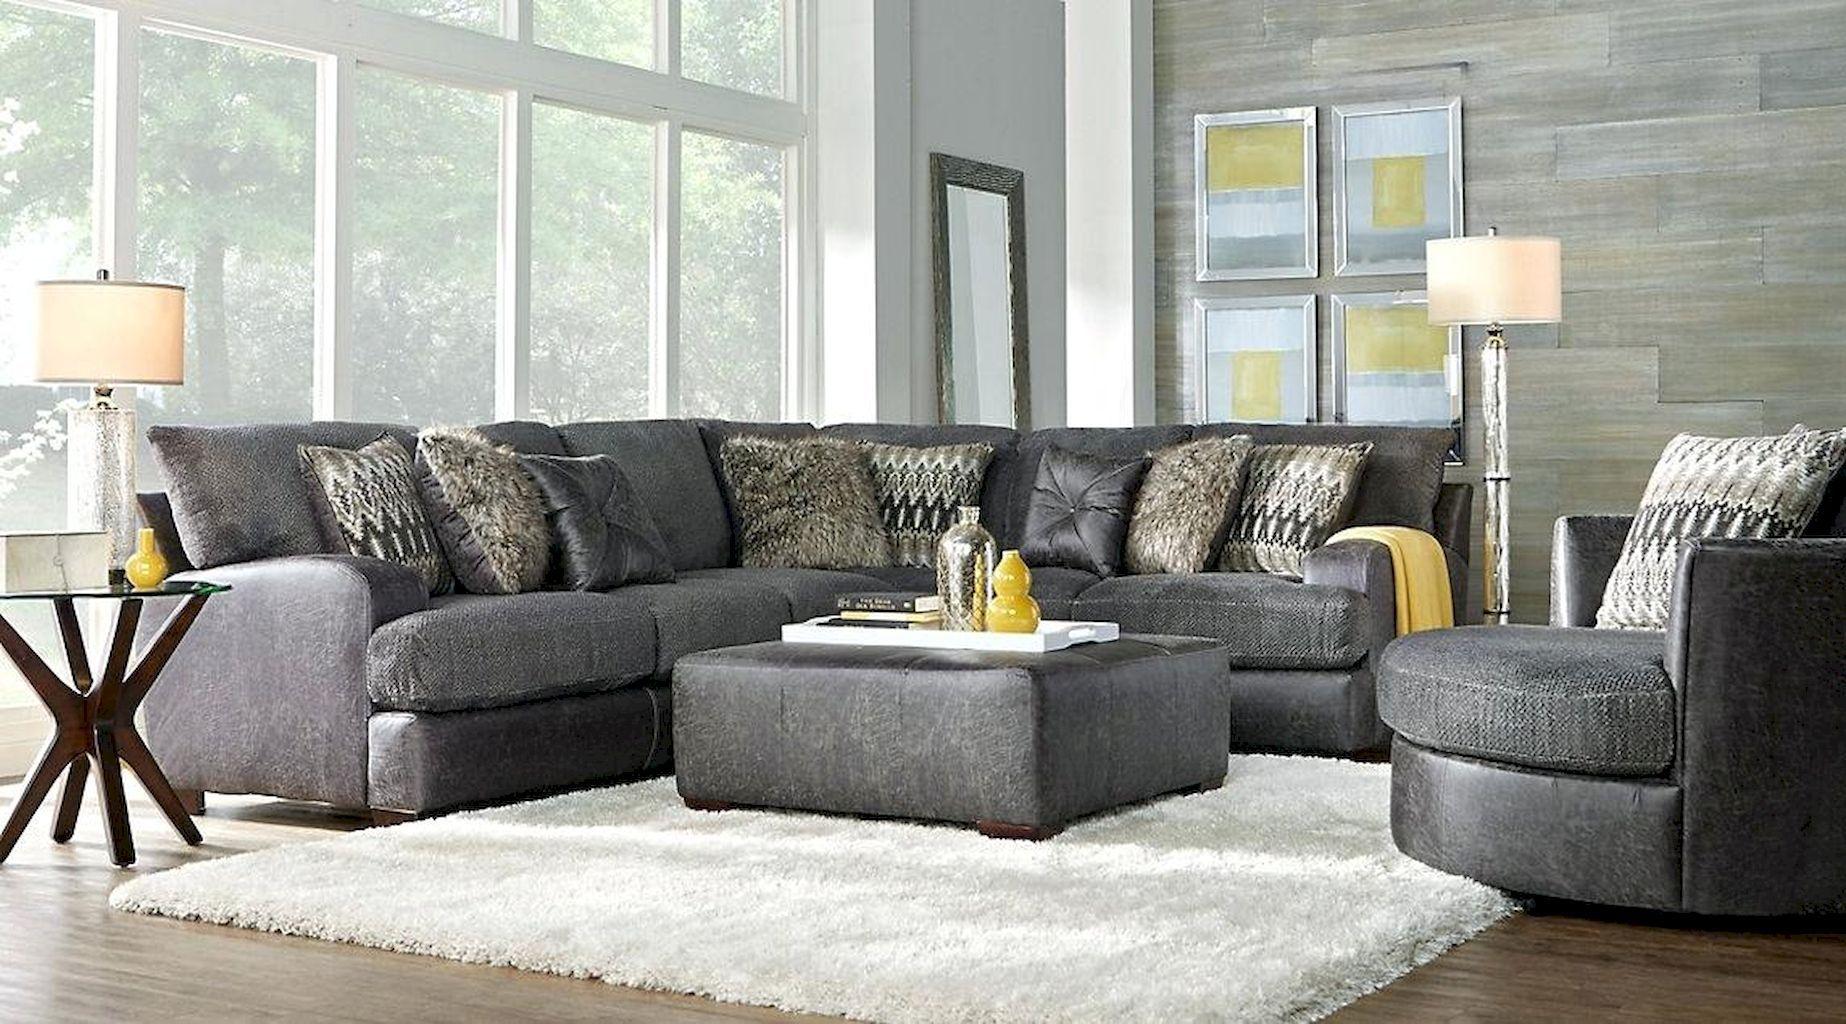 70 Light & Grey Living Room Colous Scheme Decor Ideas ...